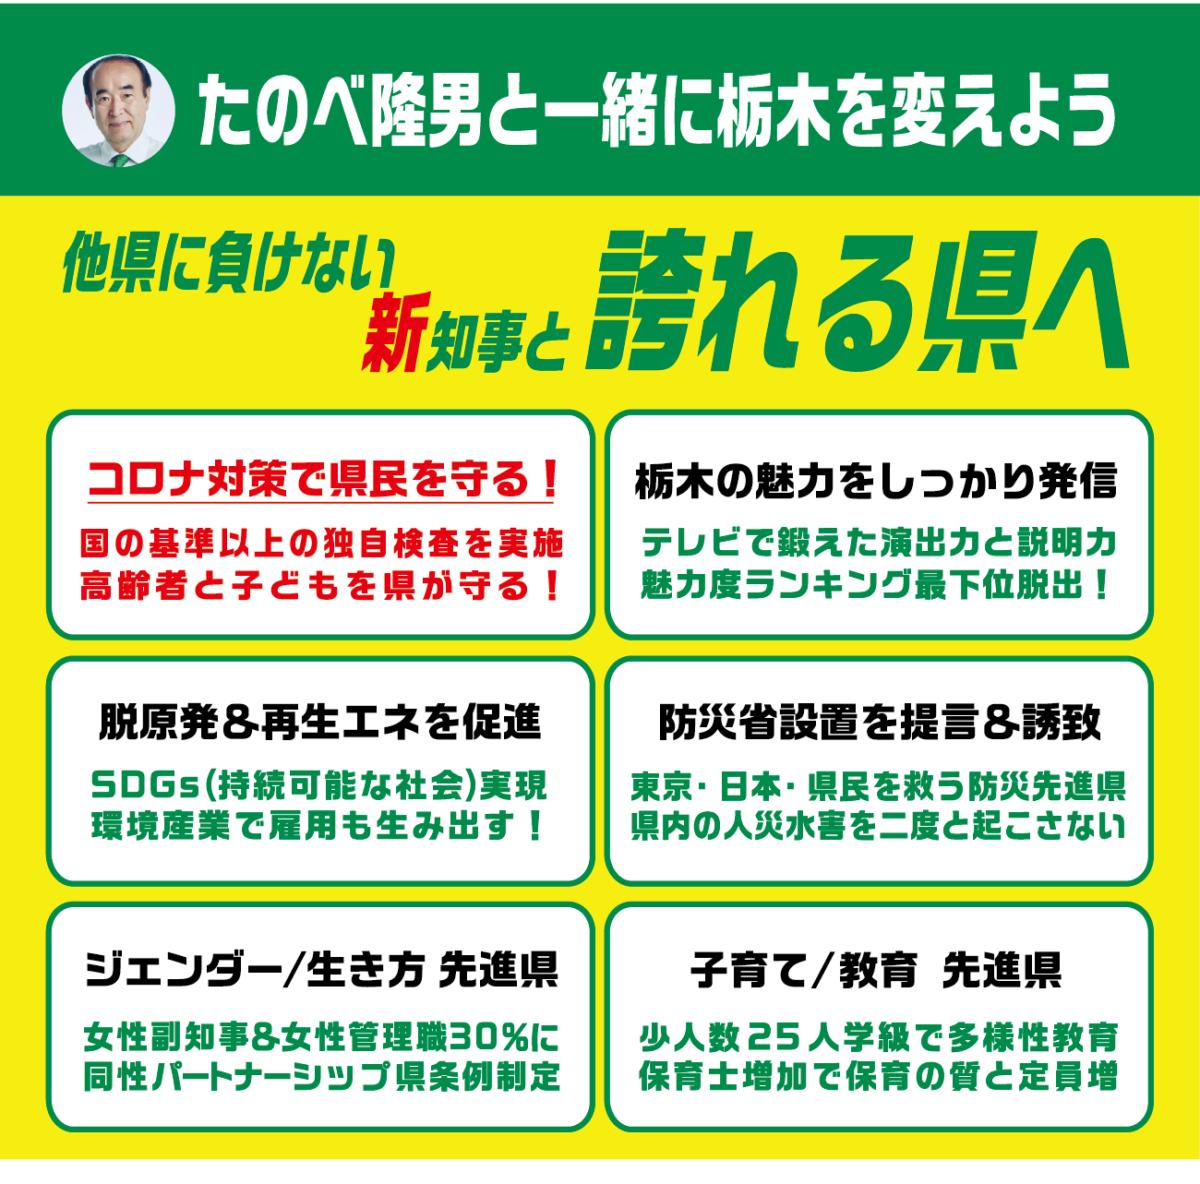 コロナ 会見 栃木 記者